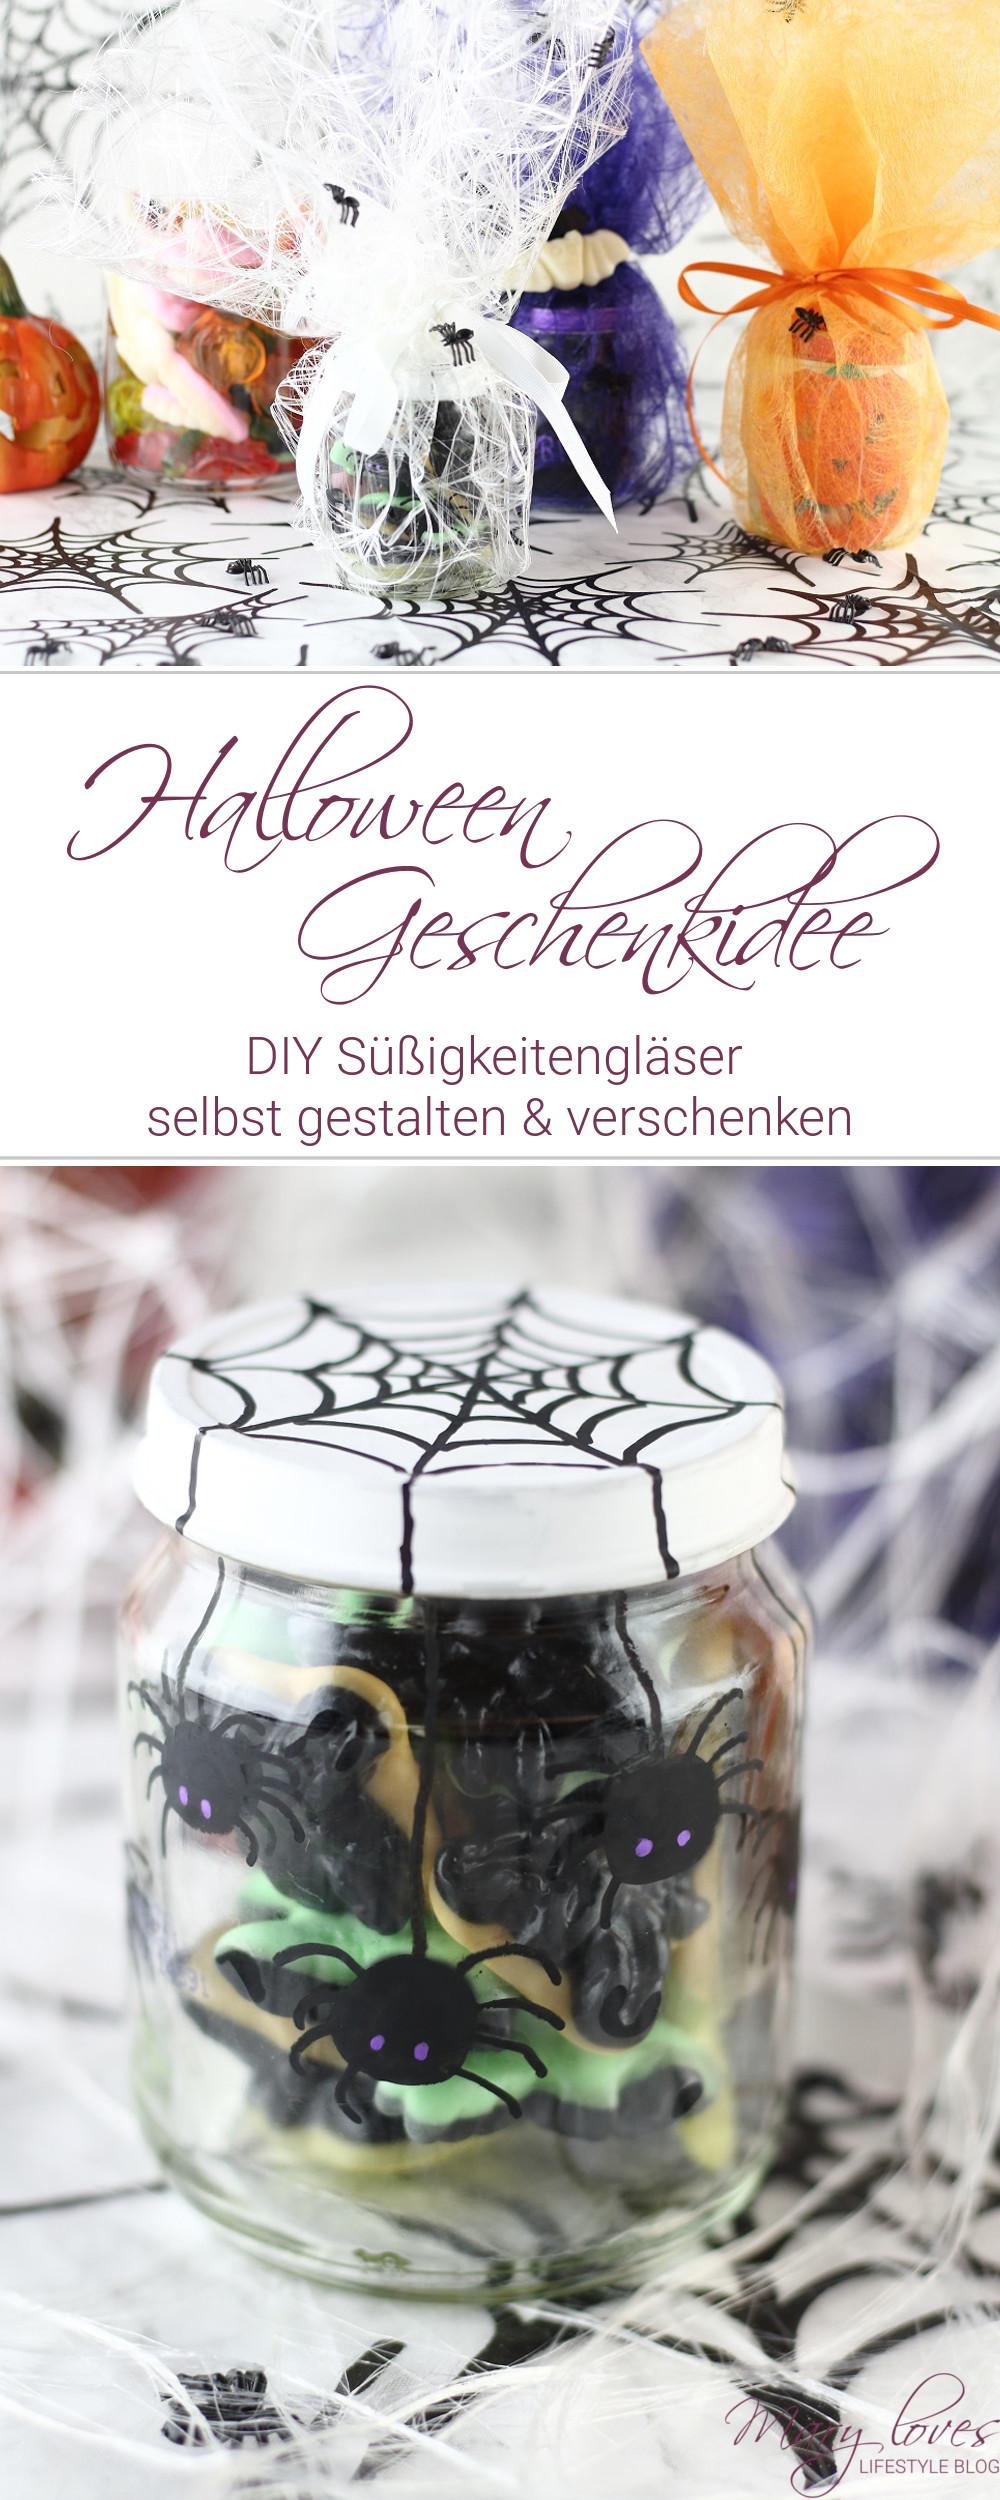 [Anzeige] Halloween-Geschenkidee - DIY Süßigkeitengläser selbst gestalten - #halloween #halloweendiy #süßigkeitengläser #süßesodersaures #geschenkidee #halloweengeschenk #bastelnmitkindern